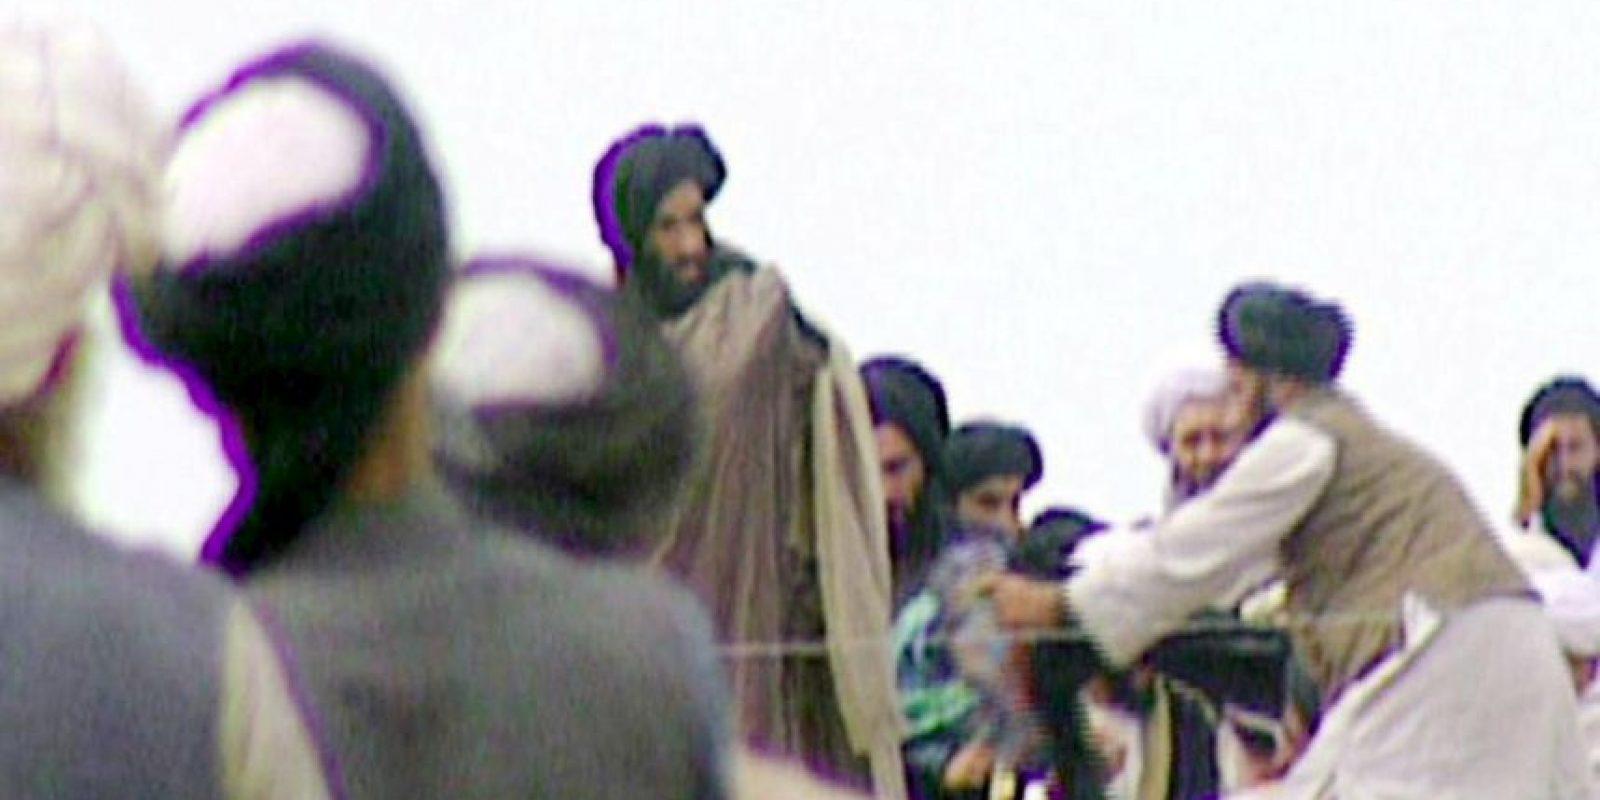 El líder religioso mulá Omar, no se había visto en público desde el 2001 Foto:AFP